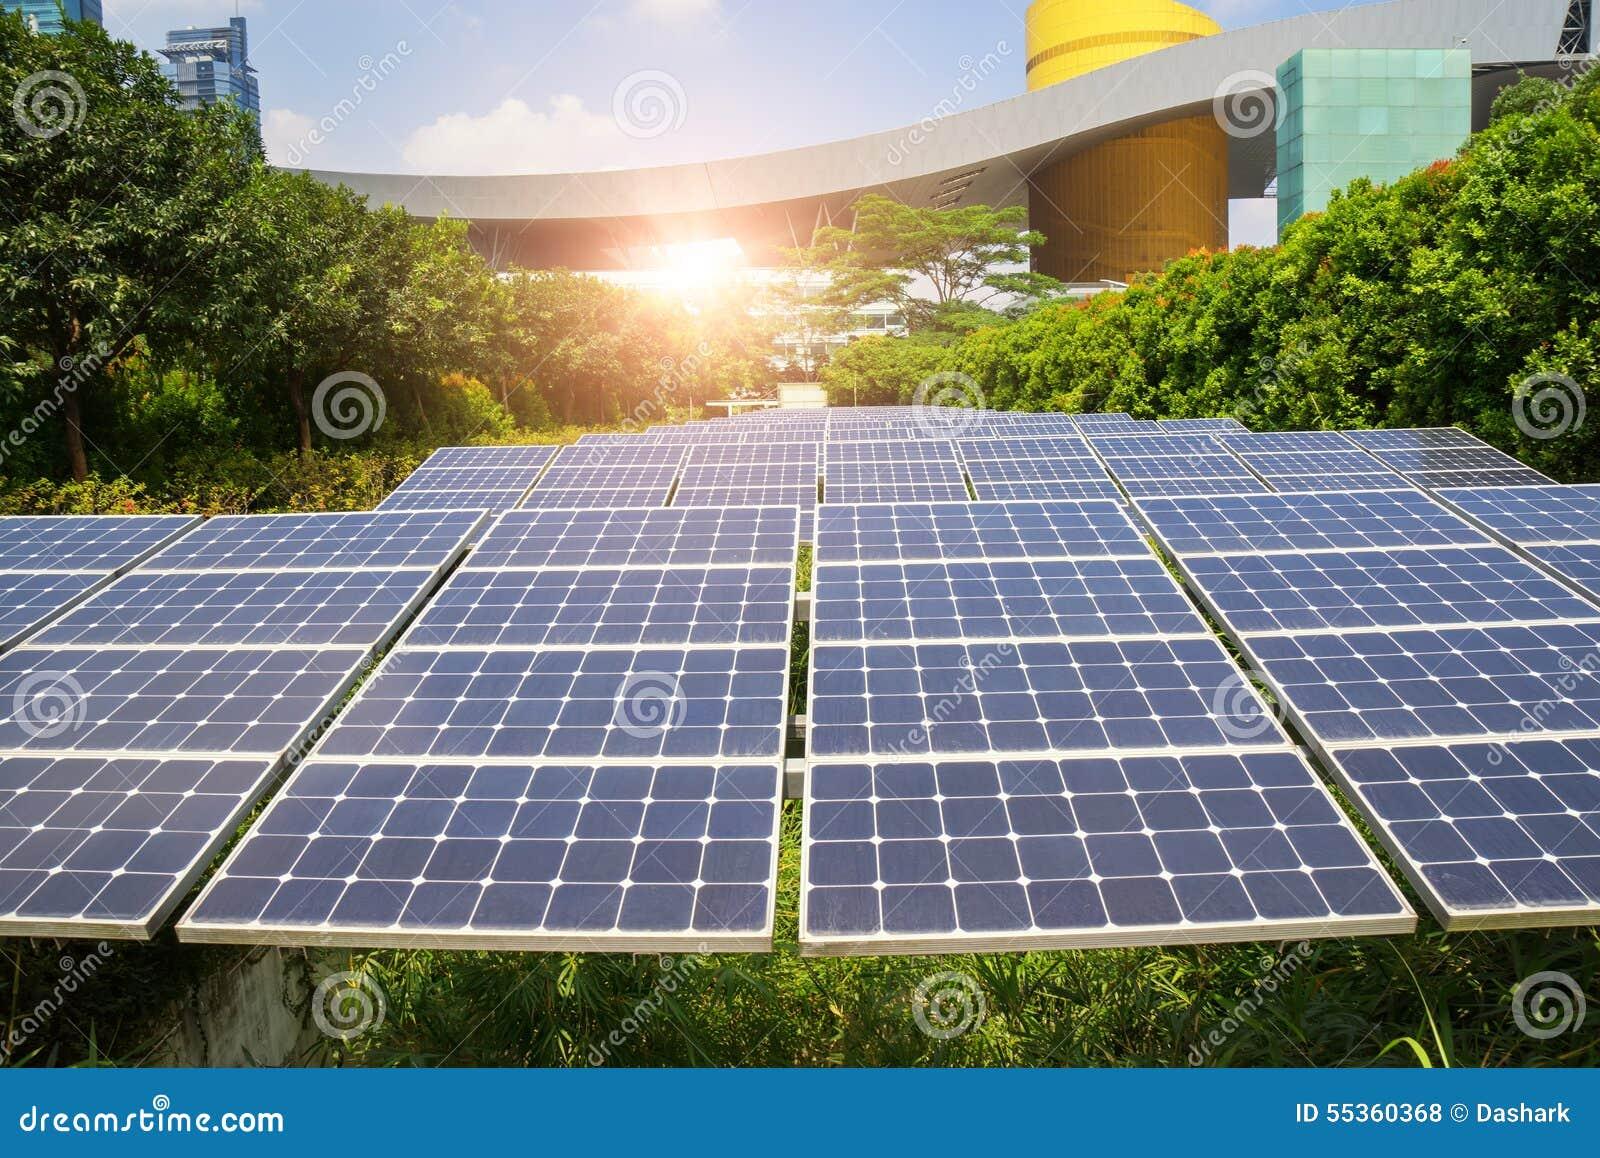 Pannelli solari in città moderna